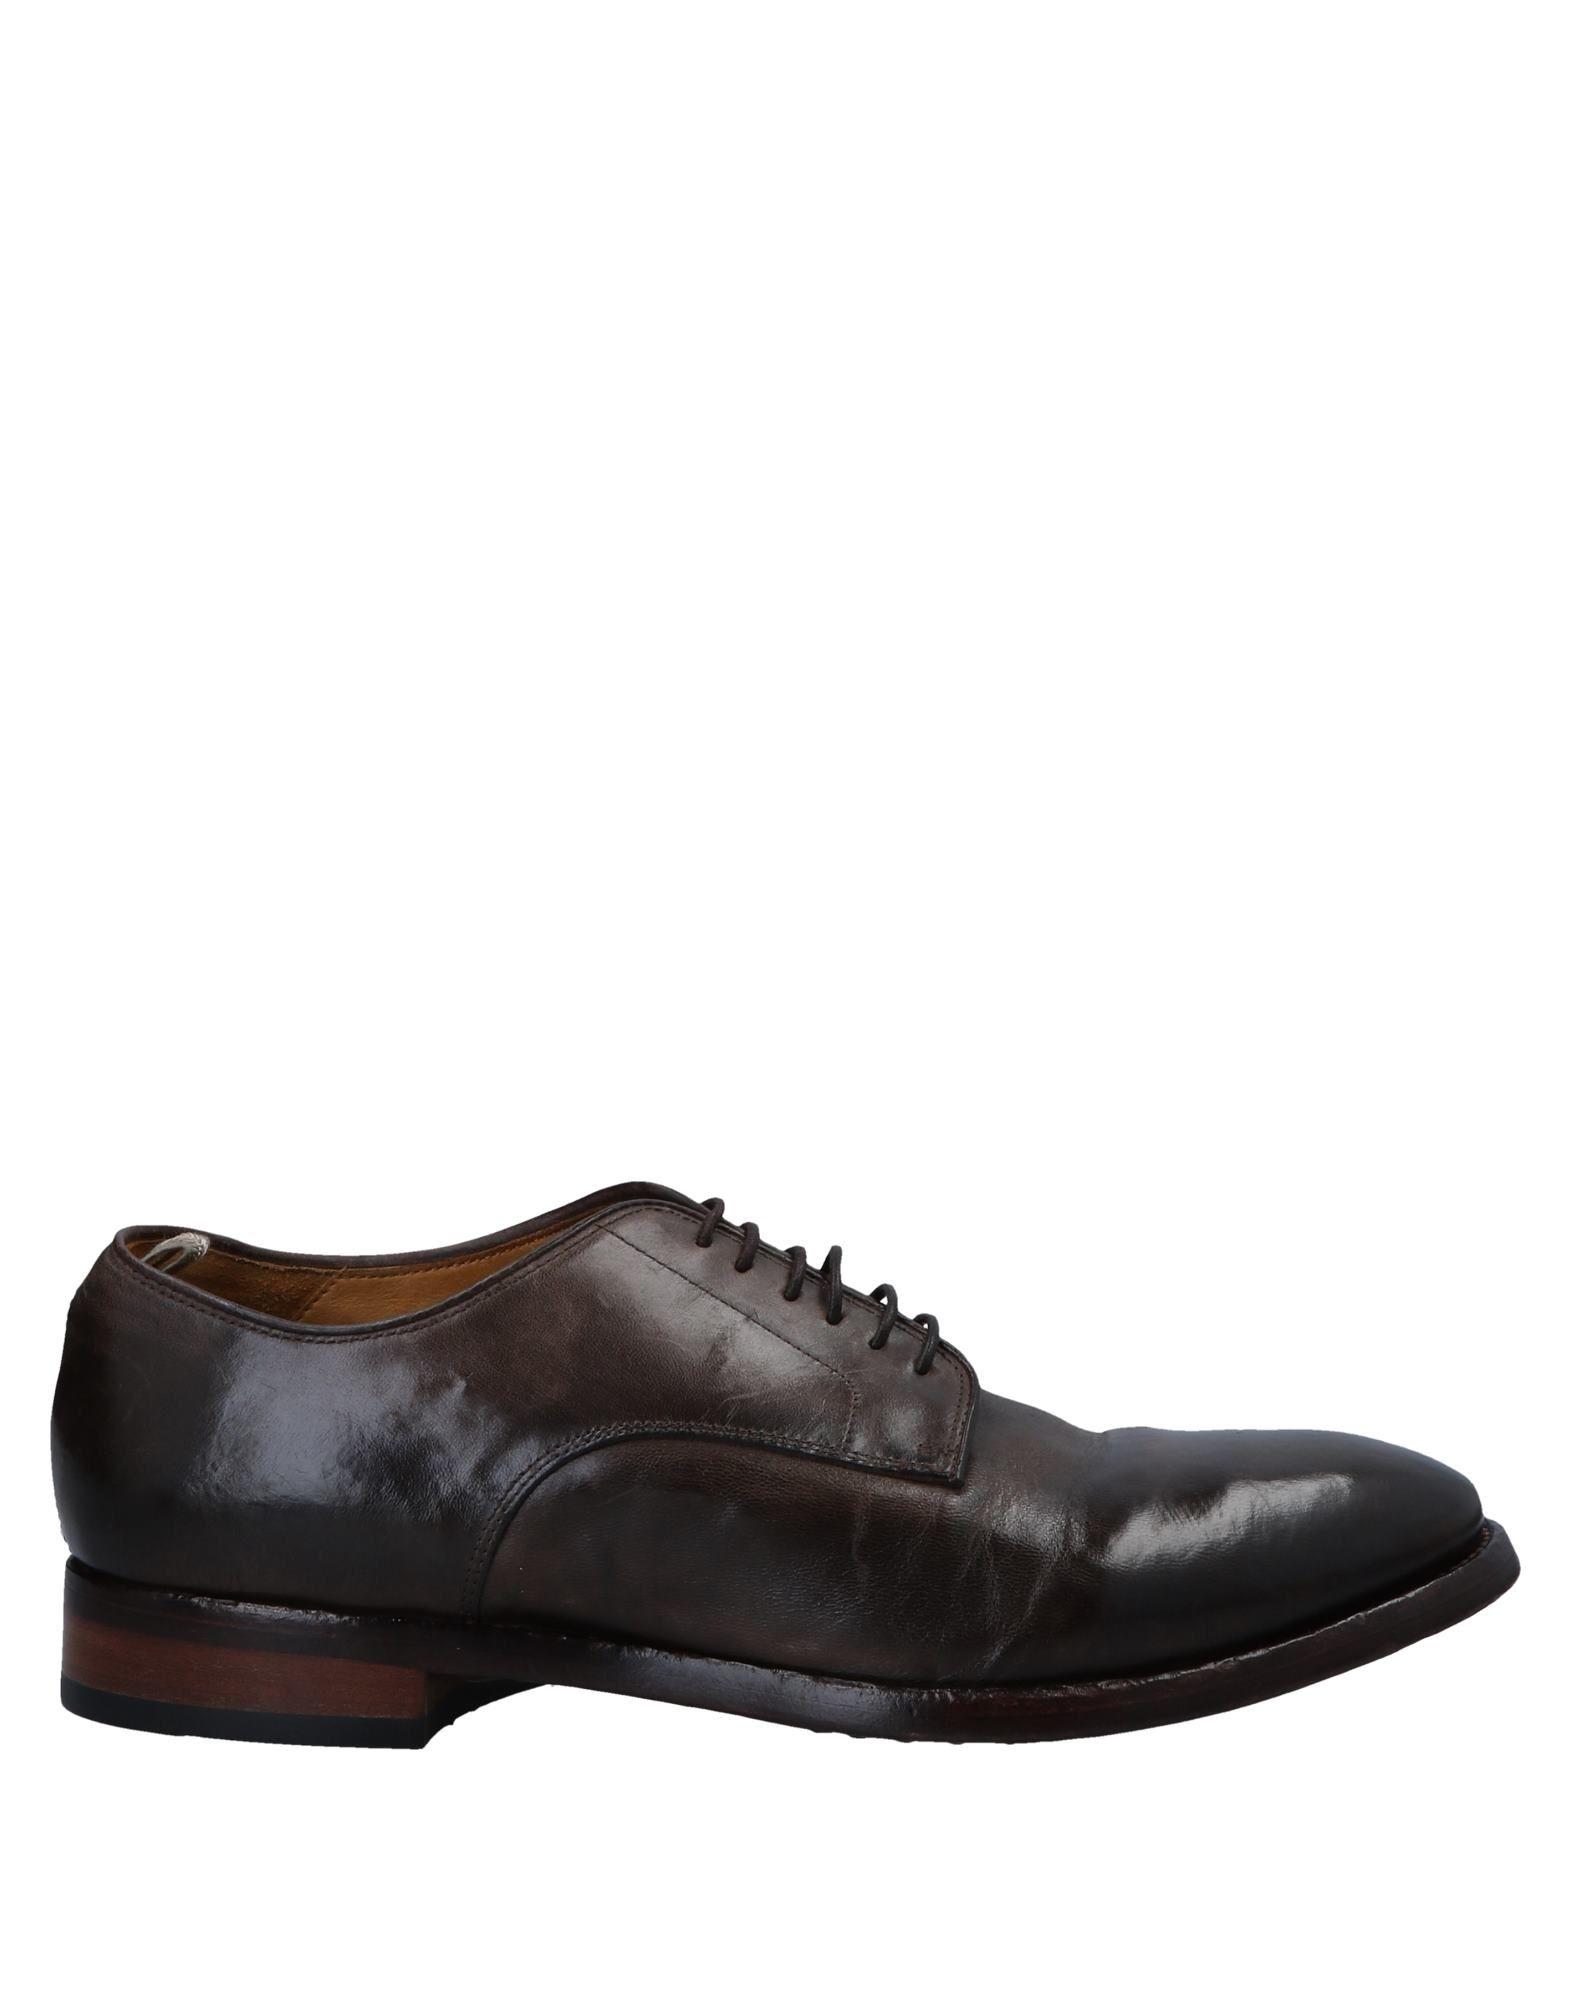 Officine Creative Italia Schnürschuhe Herren  11553166GT Gute Qualität beliebte Schuhe